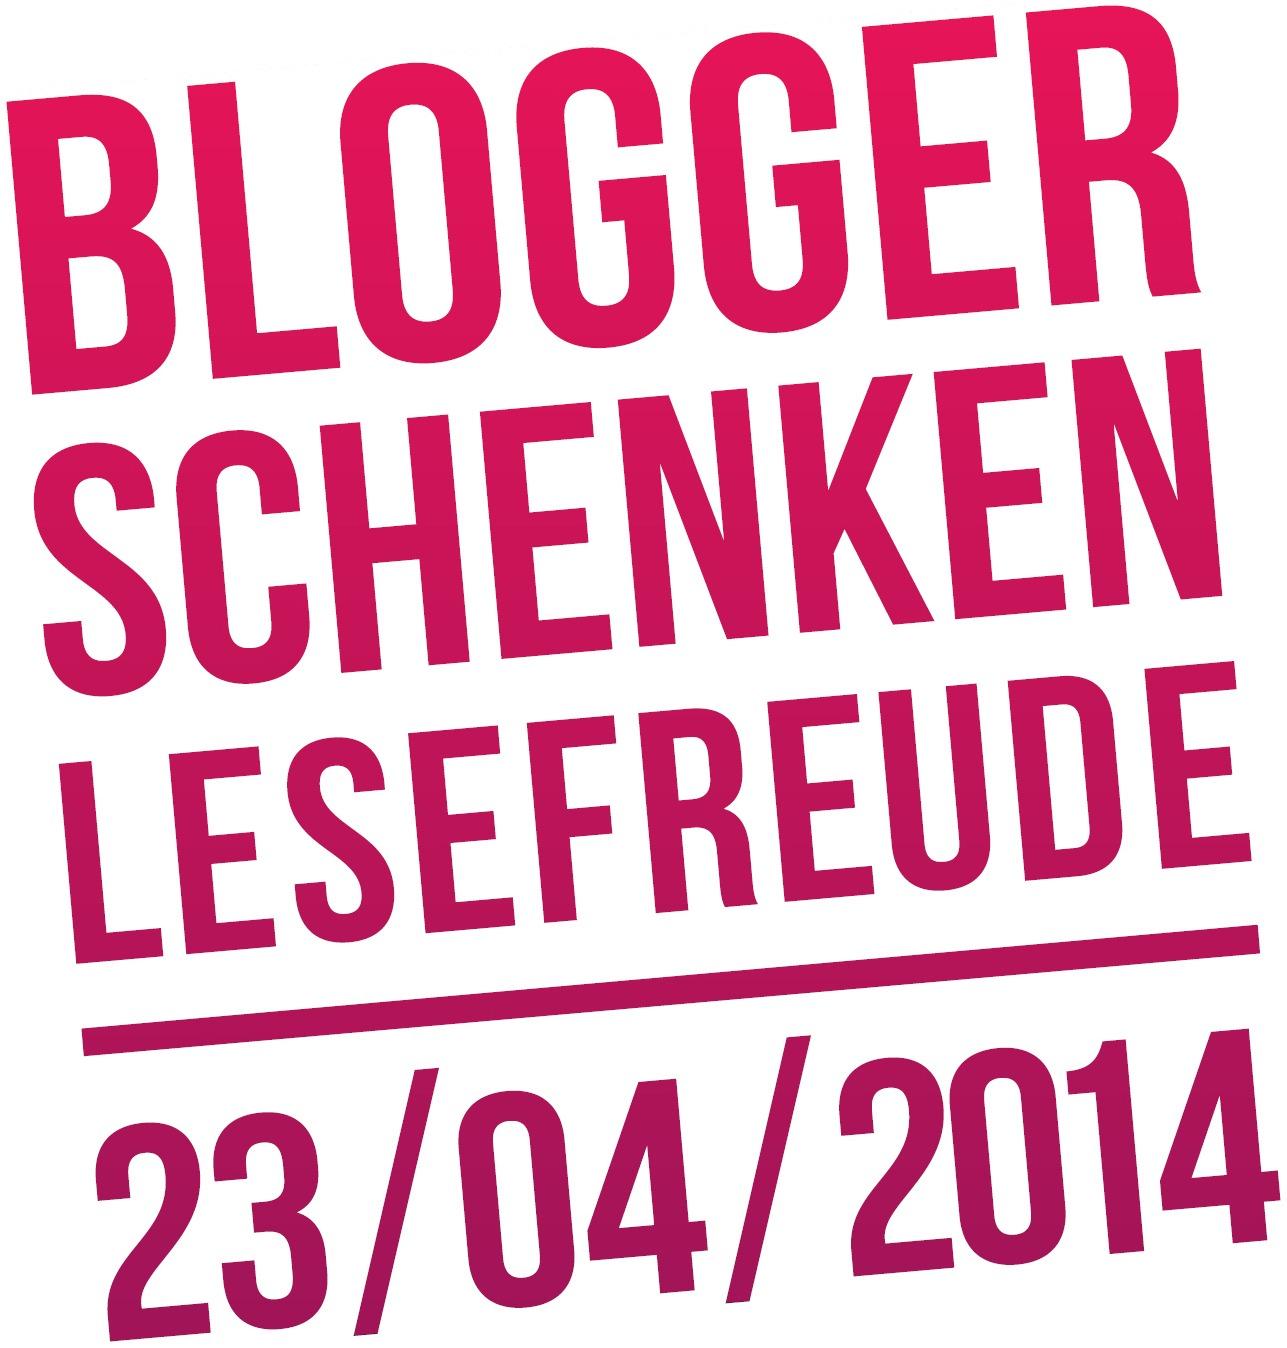 Blogger schenken Lesefreude für Querdenker